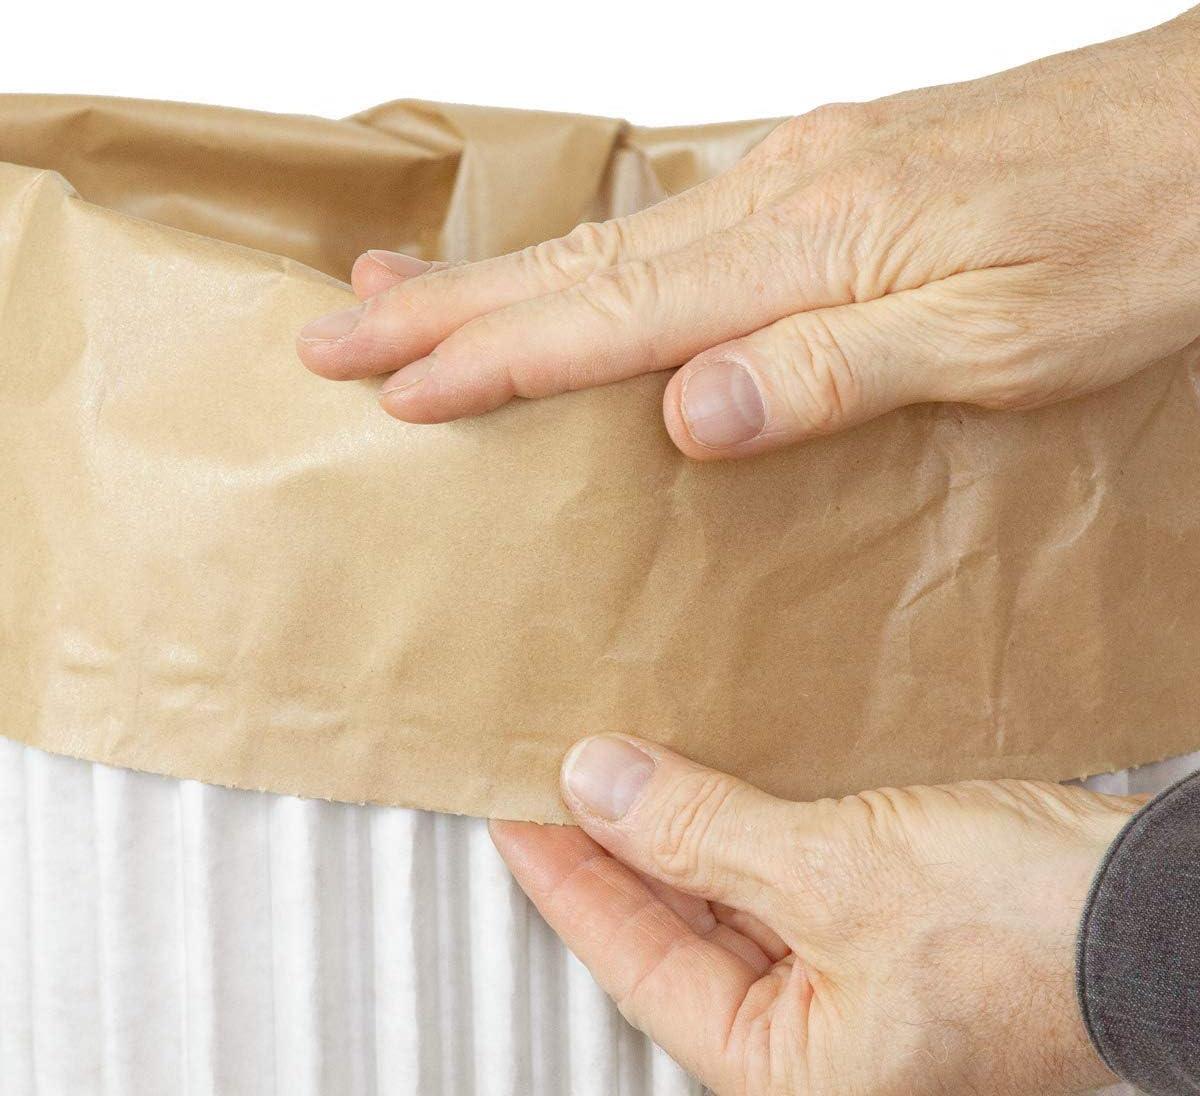 Dimensiones: 34,5 x 34,5 x h 75cm Cubos de basura cArt/ù Wave 2 cubos ecol/ógicos fabricados con cArt/ù cada uno viene con una bolsa interior reutilizable//reciclable Bolsa: 65 lt. Tama/ño: grande